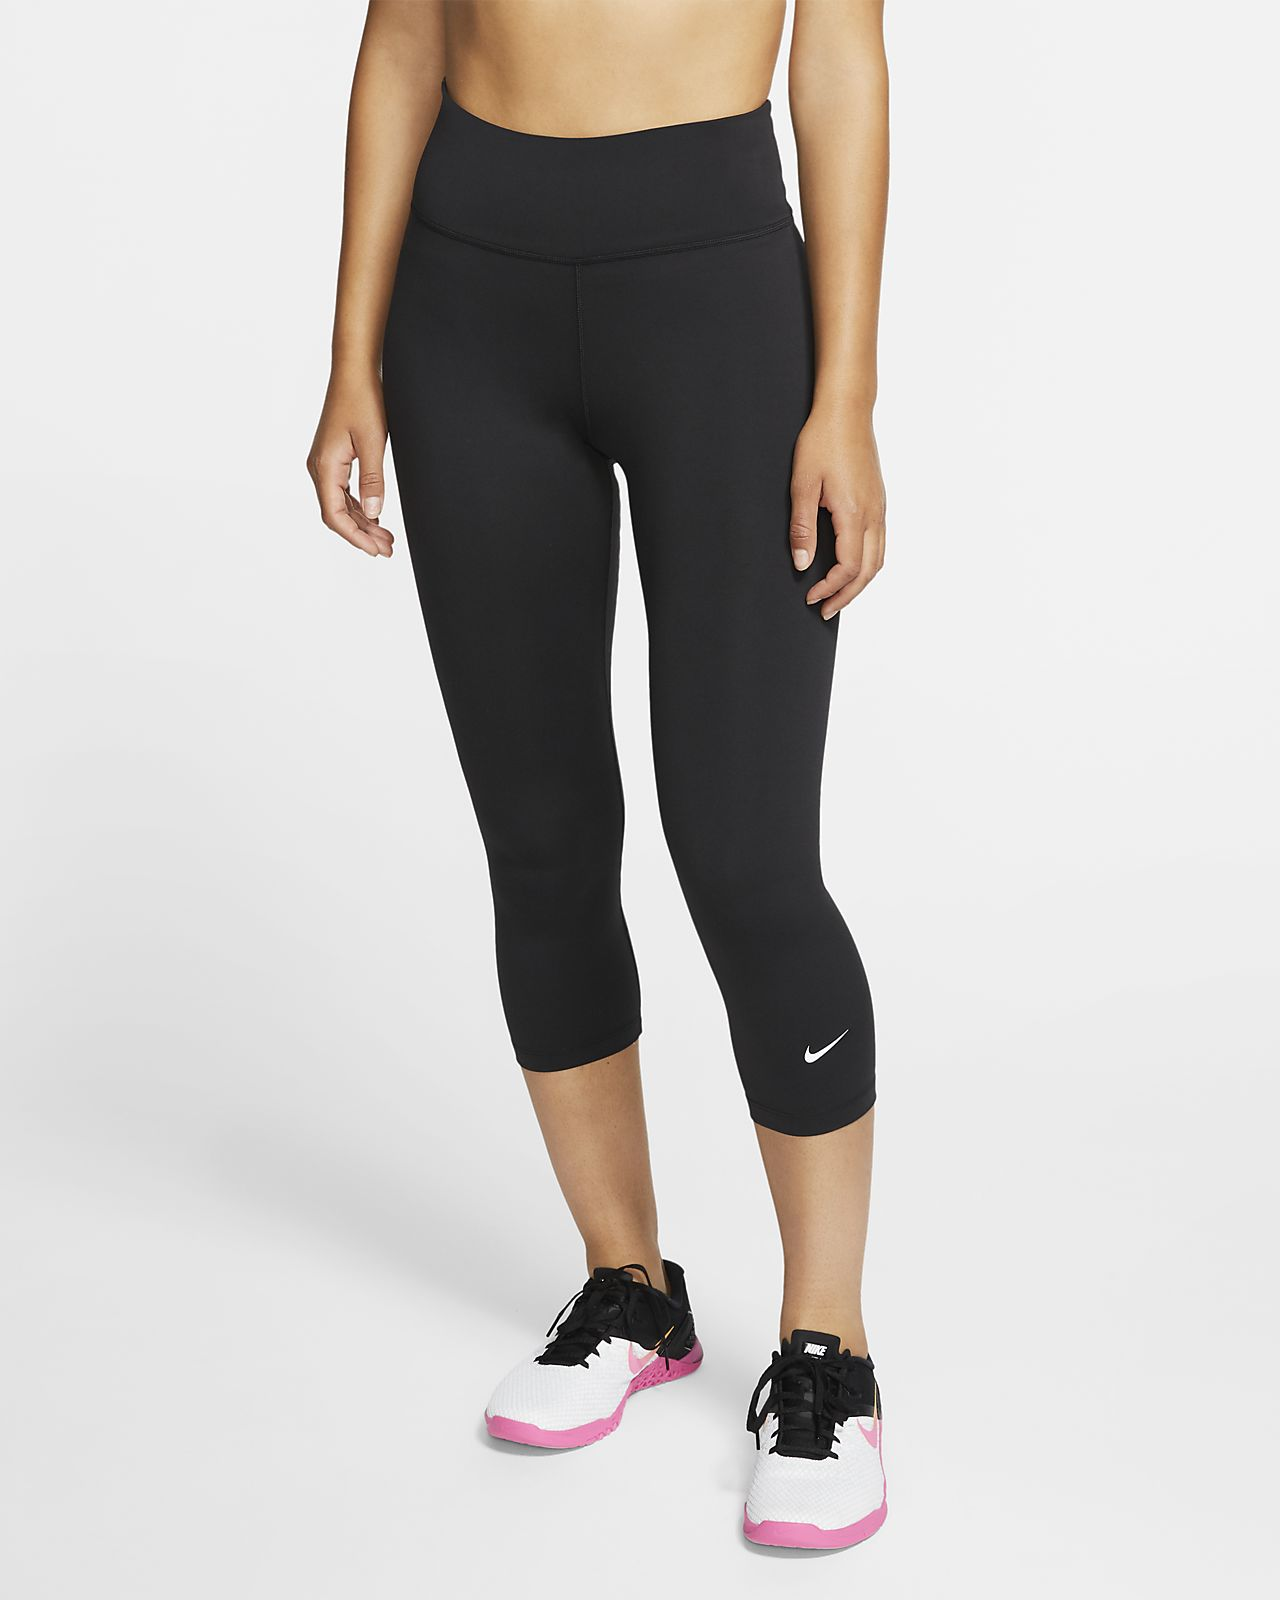 Nike One Damen-Caprihose